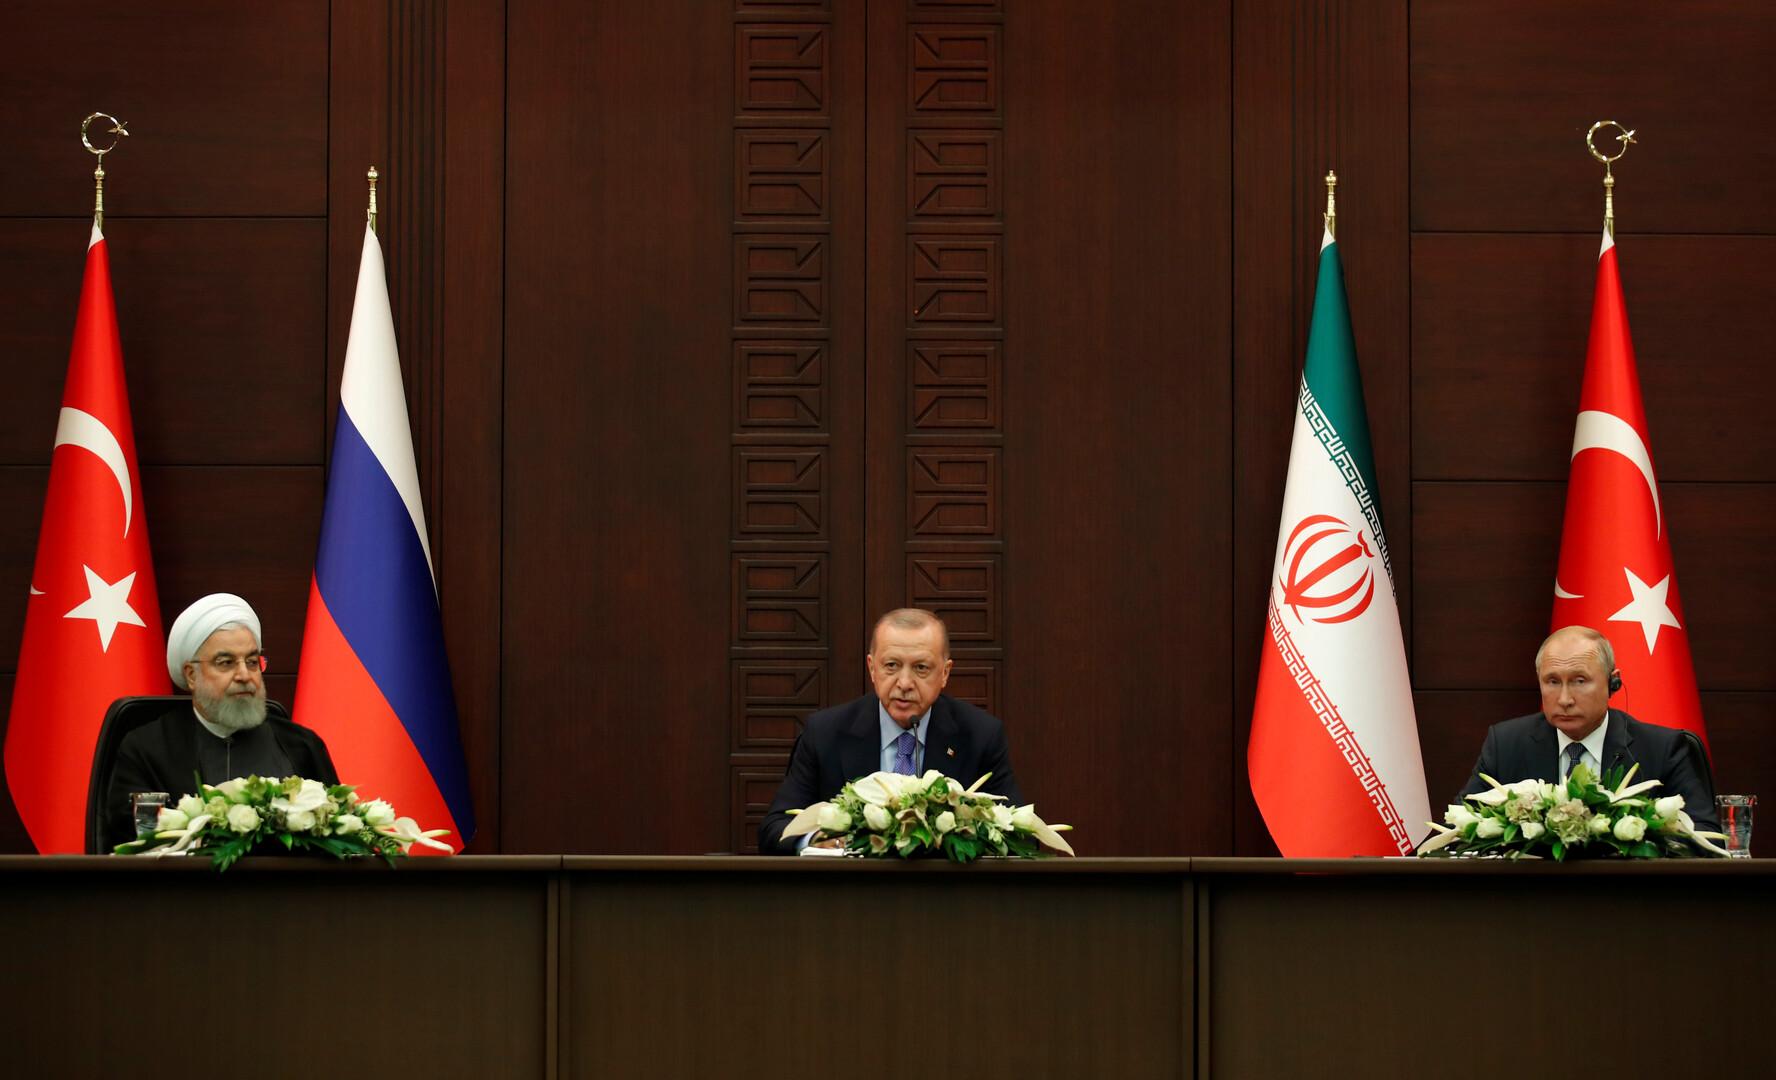 بوتين: روسيا ستواصل دعم الجيش السوري في محاربة الإرهاب